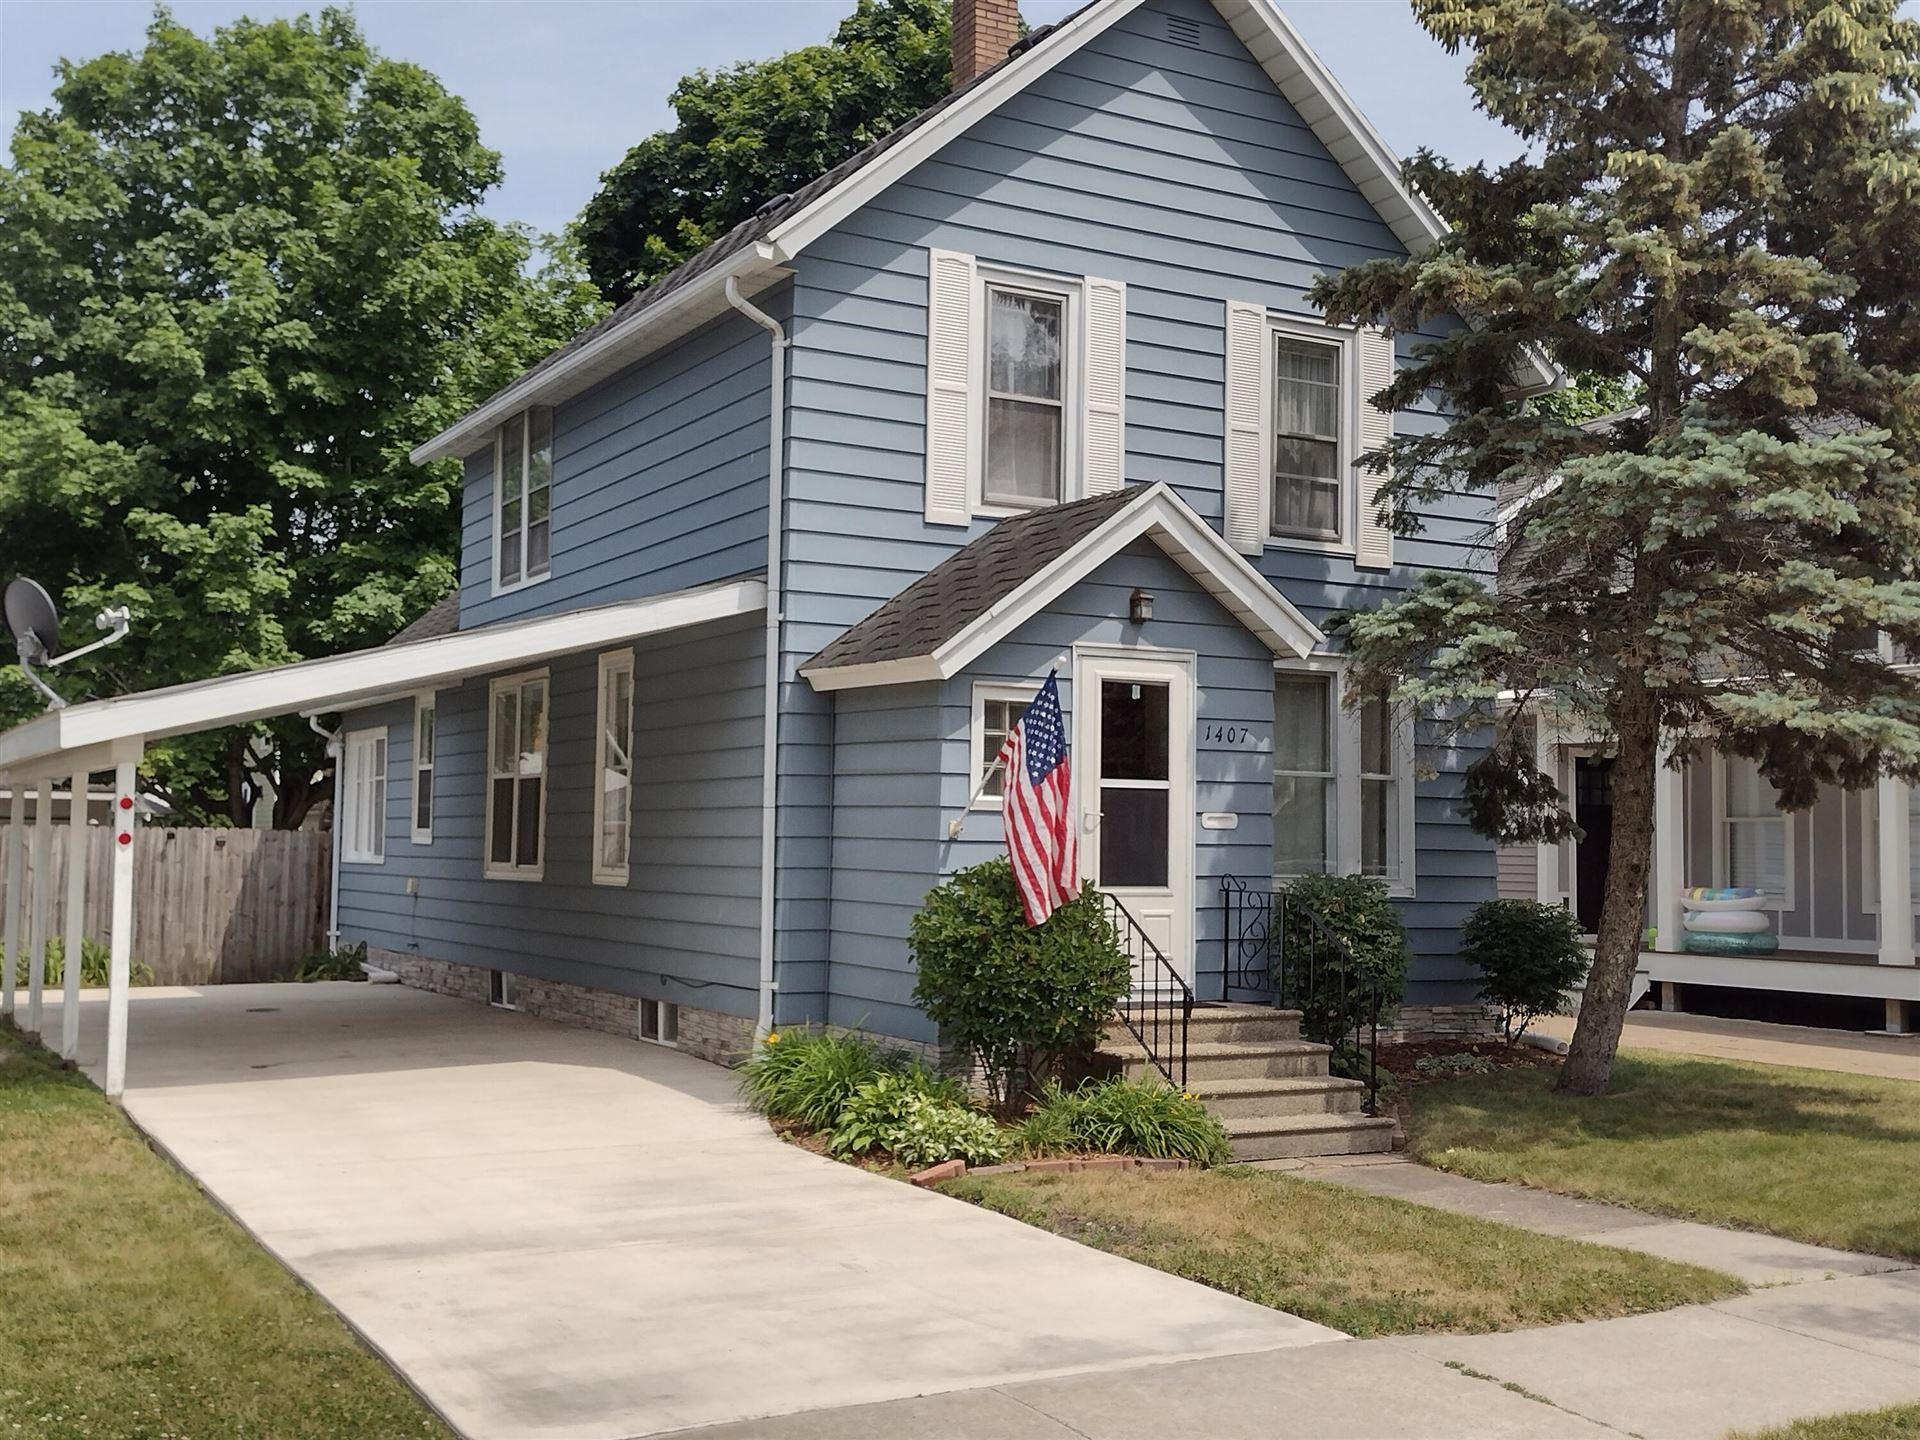 1407 S State Street, Saint Joseph, MI 49085 - MLS#: 21024794